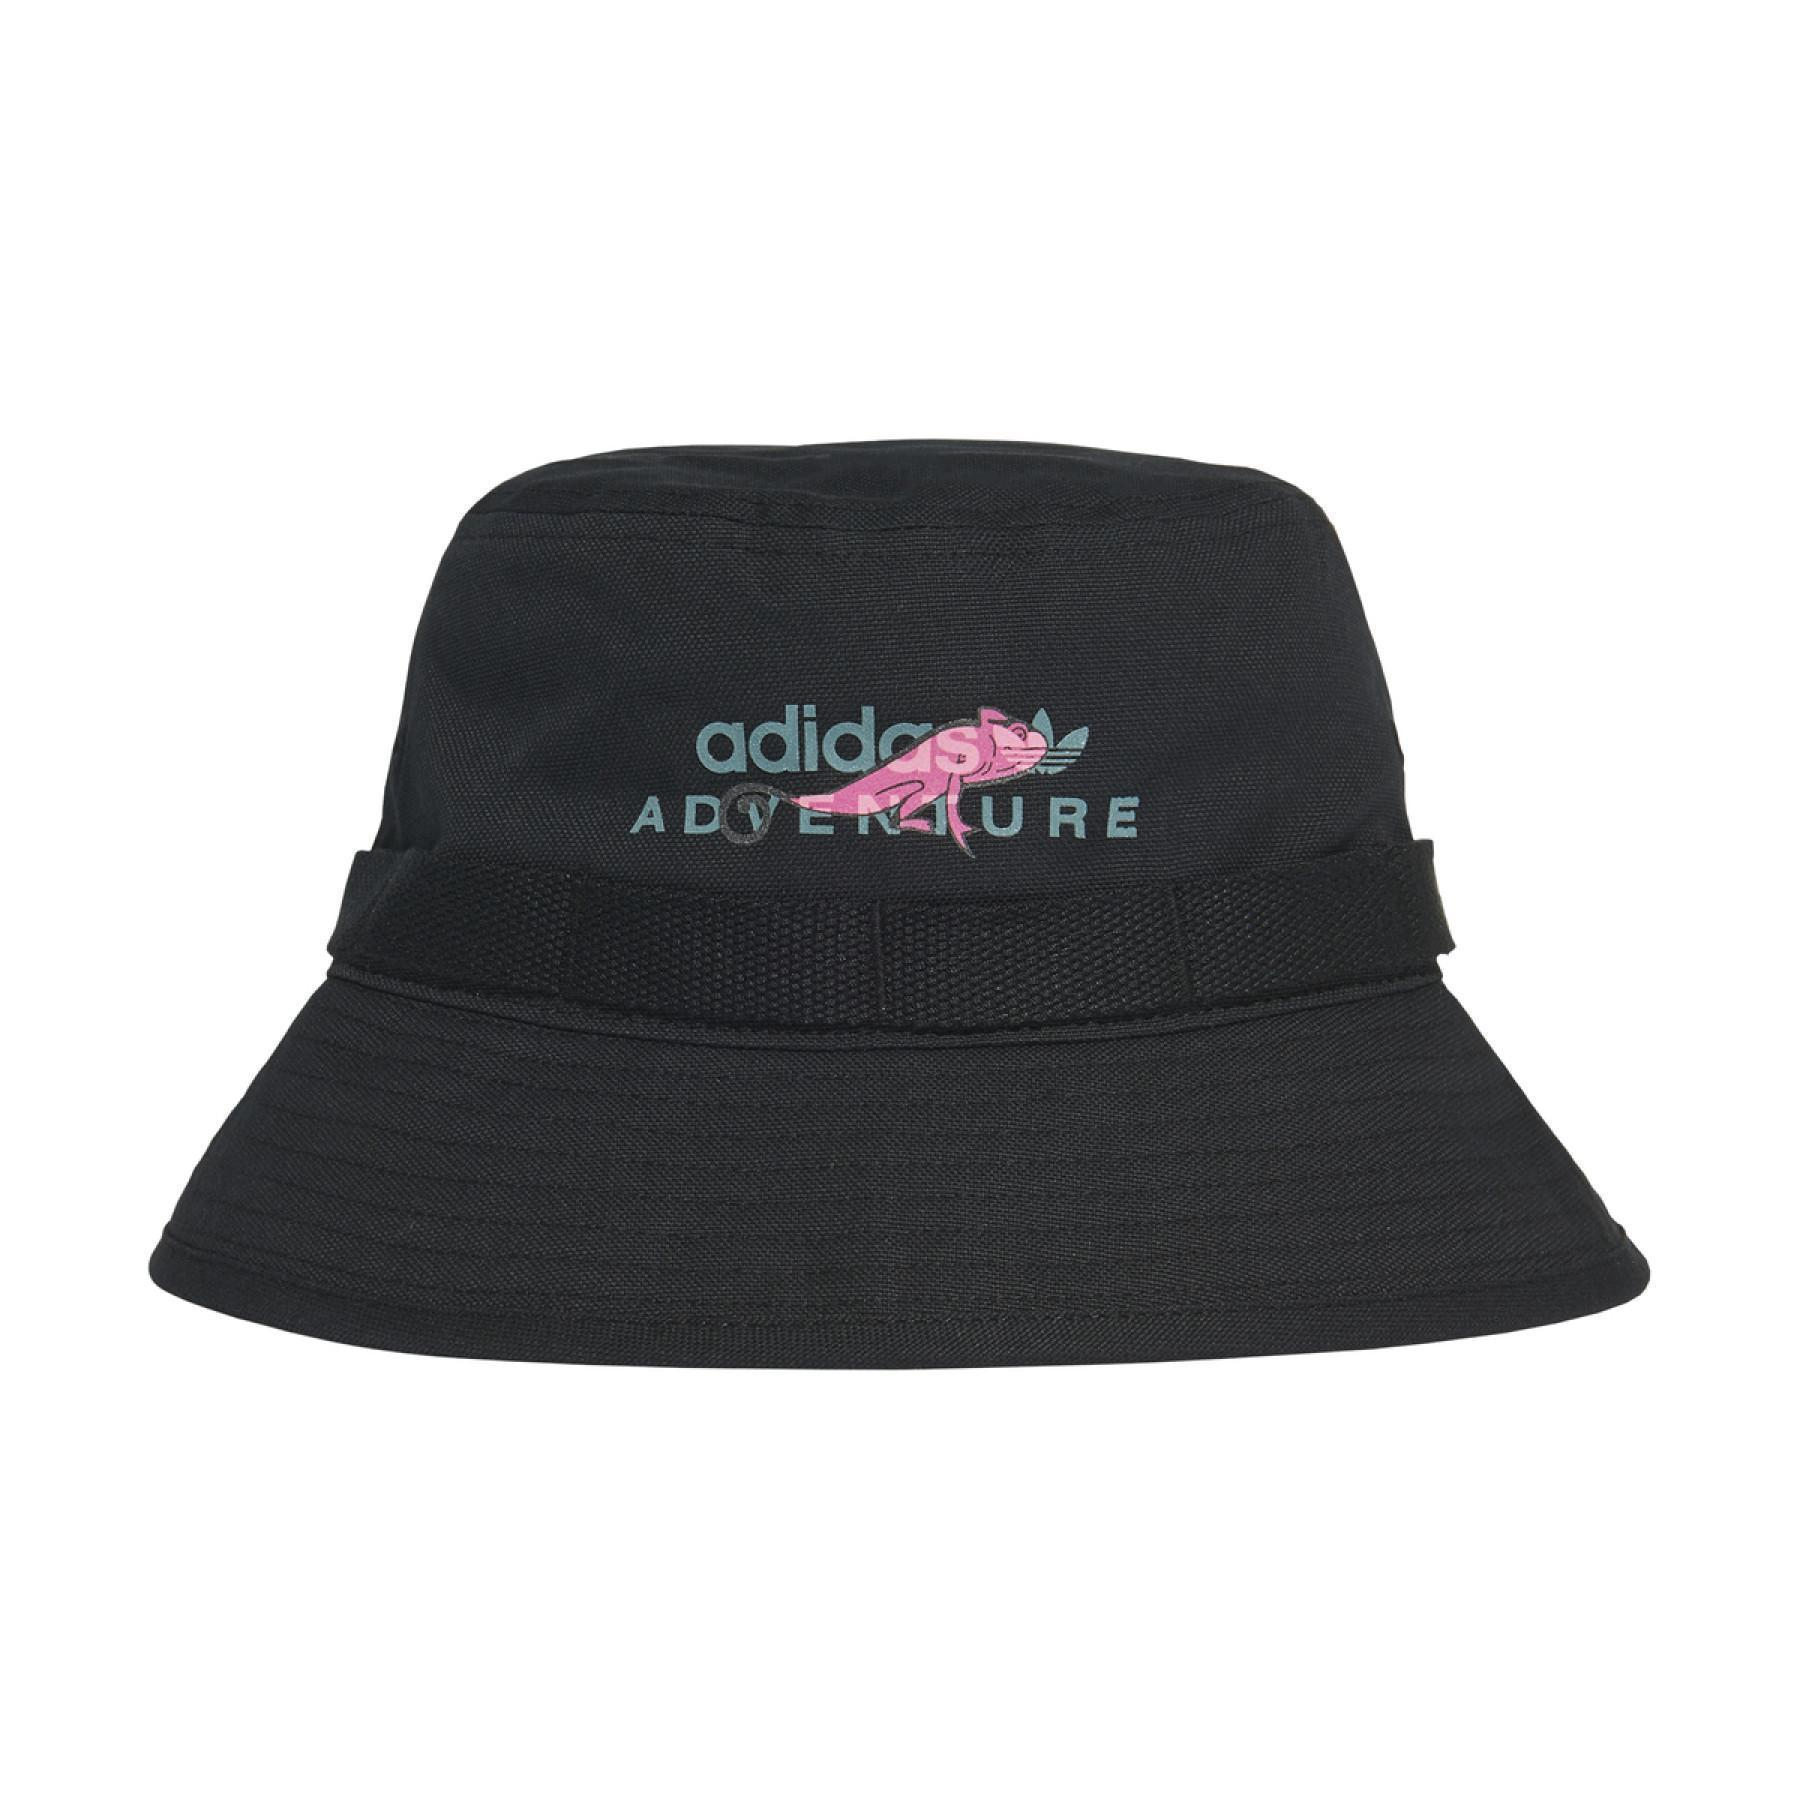 adidas Originals Adventure Hat